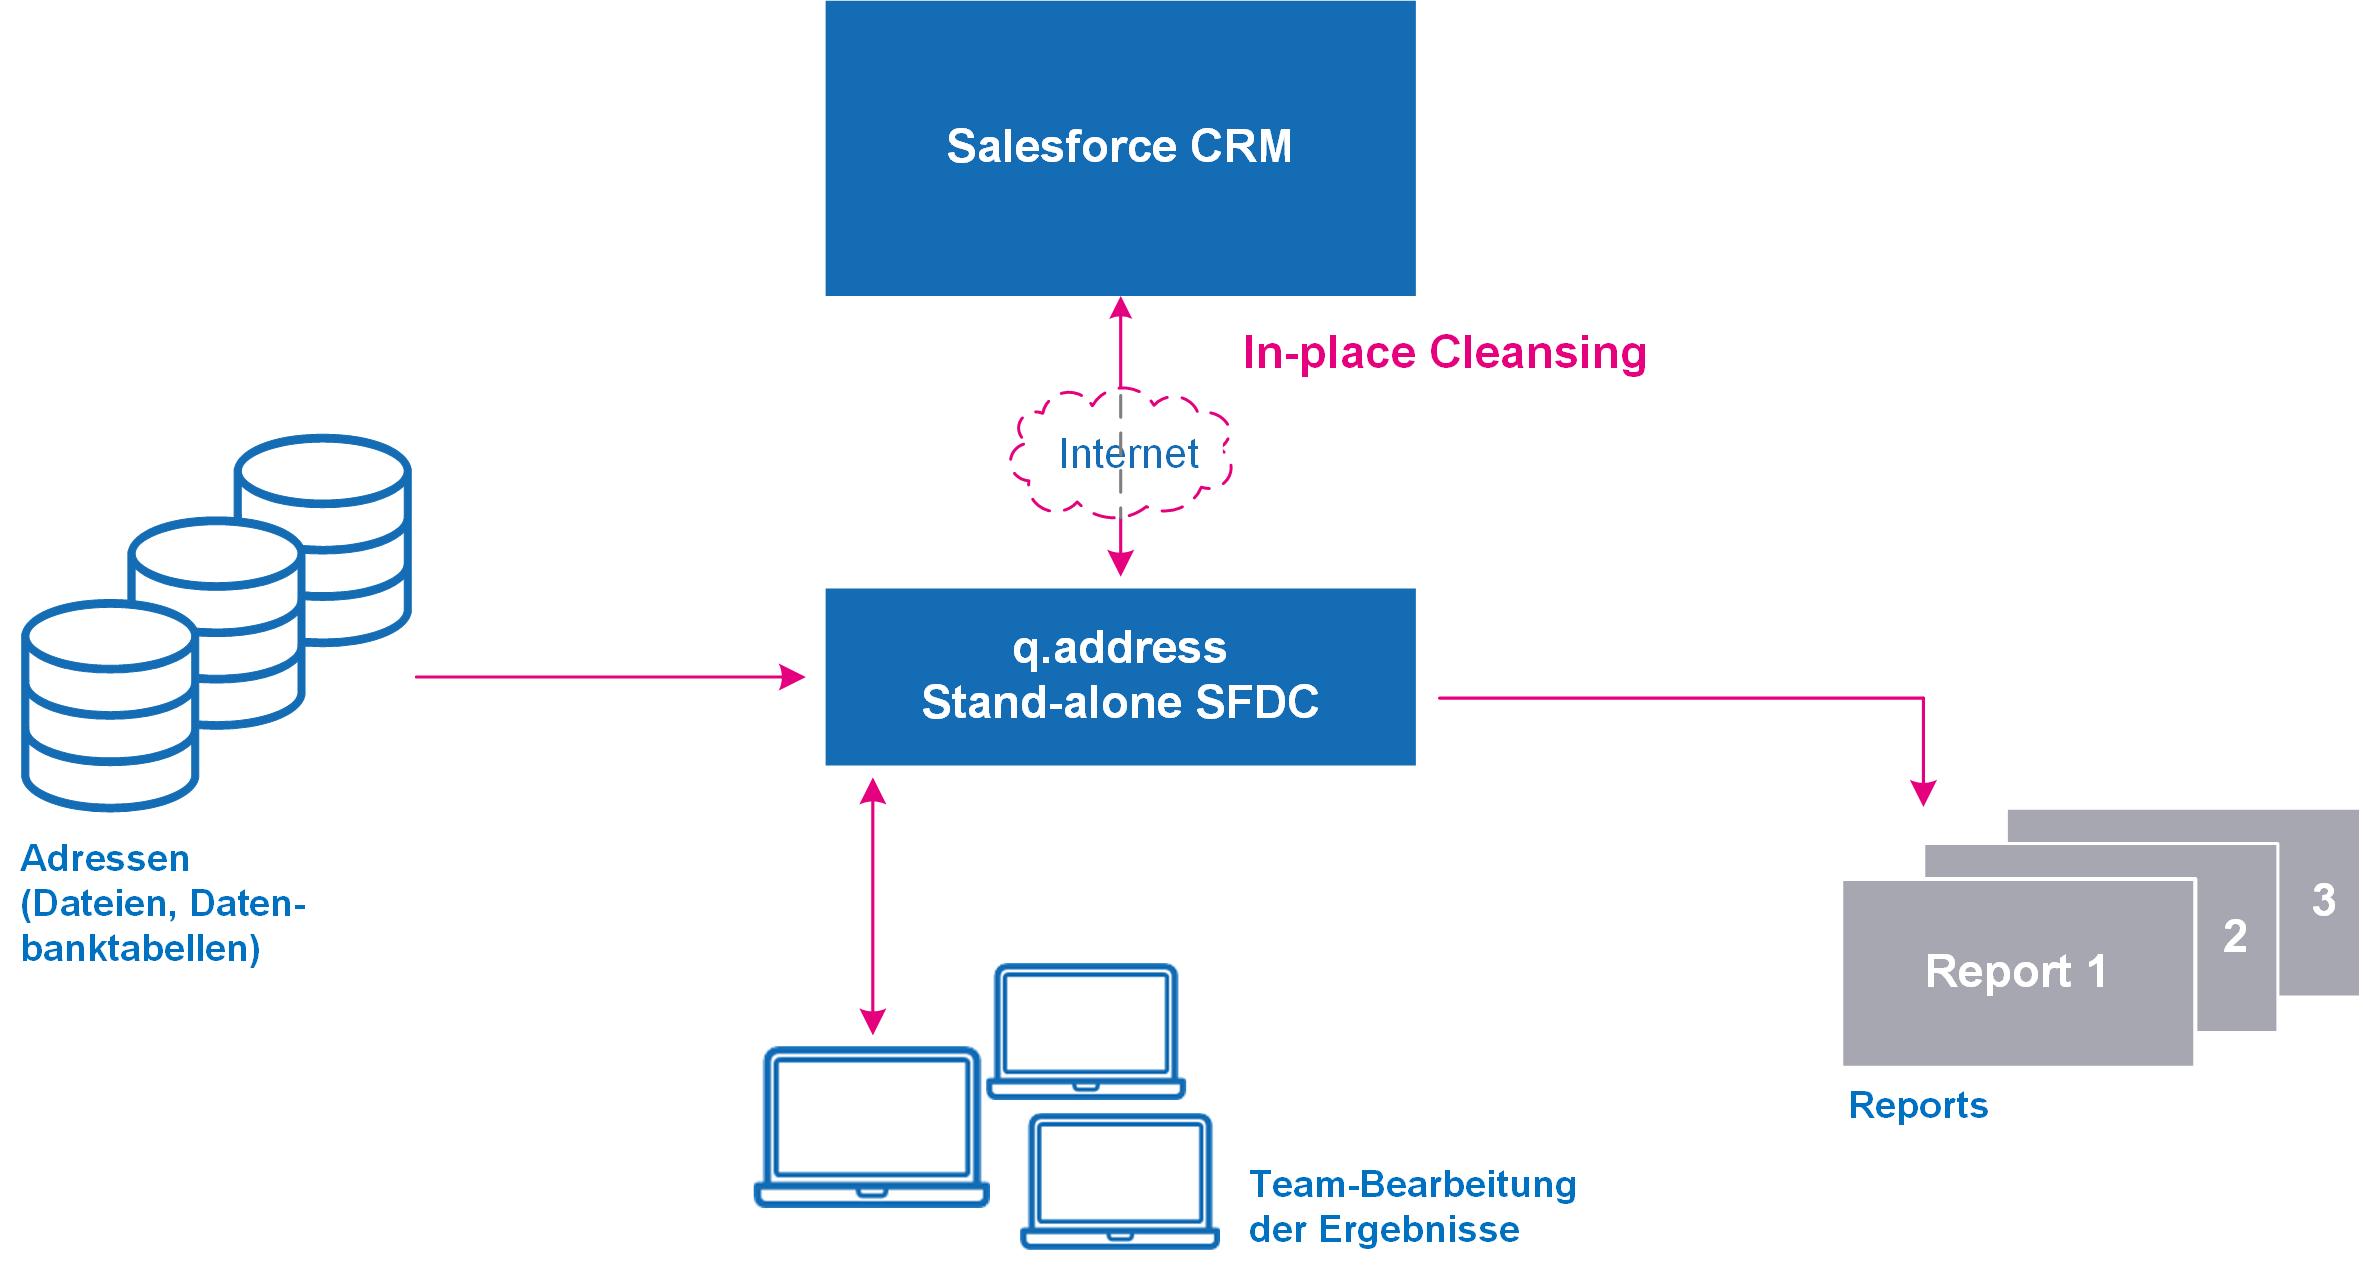 q.address Stand-alone für Salesforce CRM